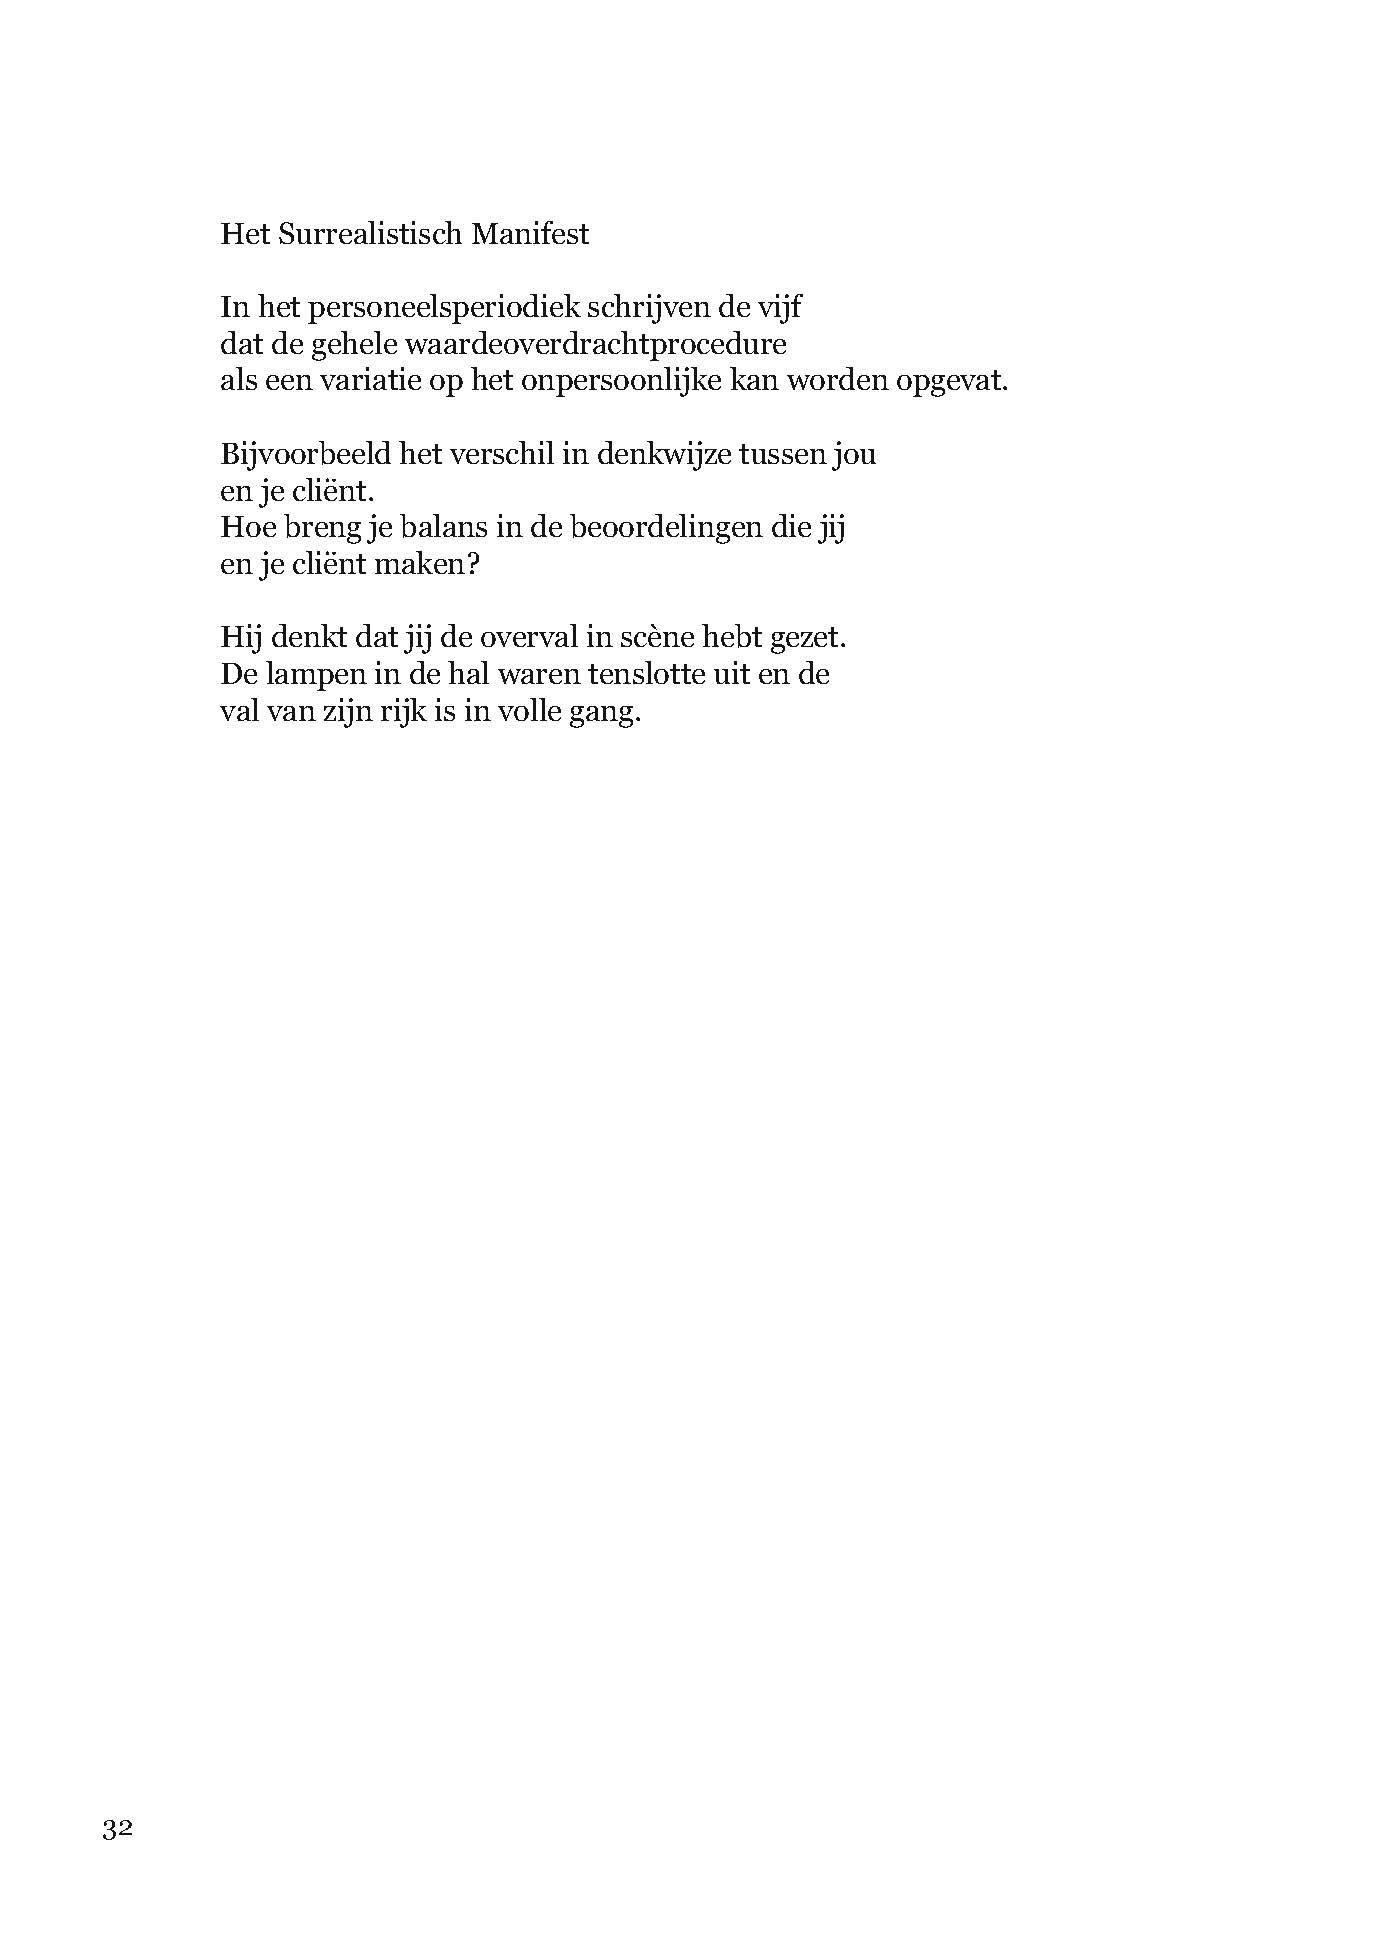 Verzamelingen binnenwerk pagina 32